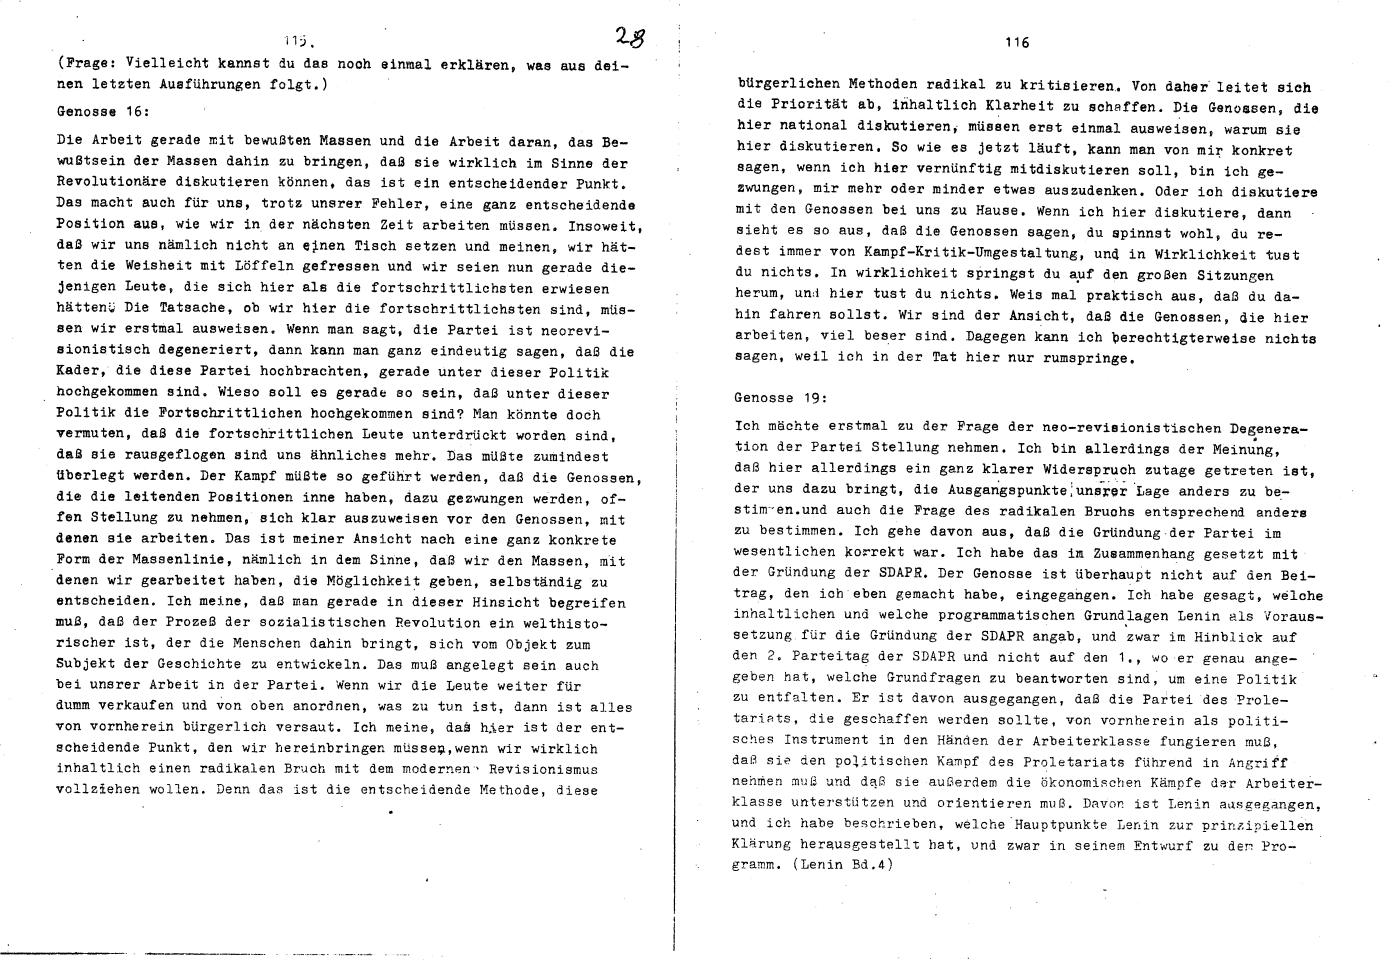 KPDML_1971_Wortprotokolle_aoPt_047